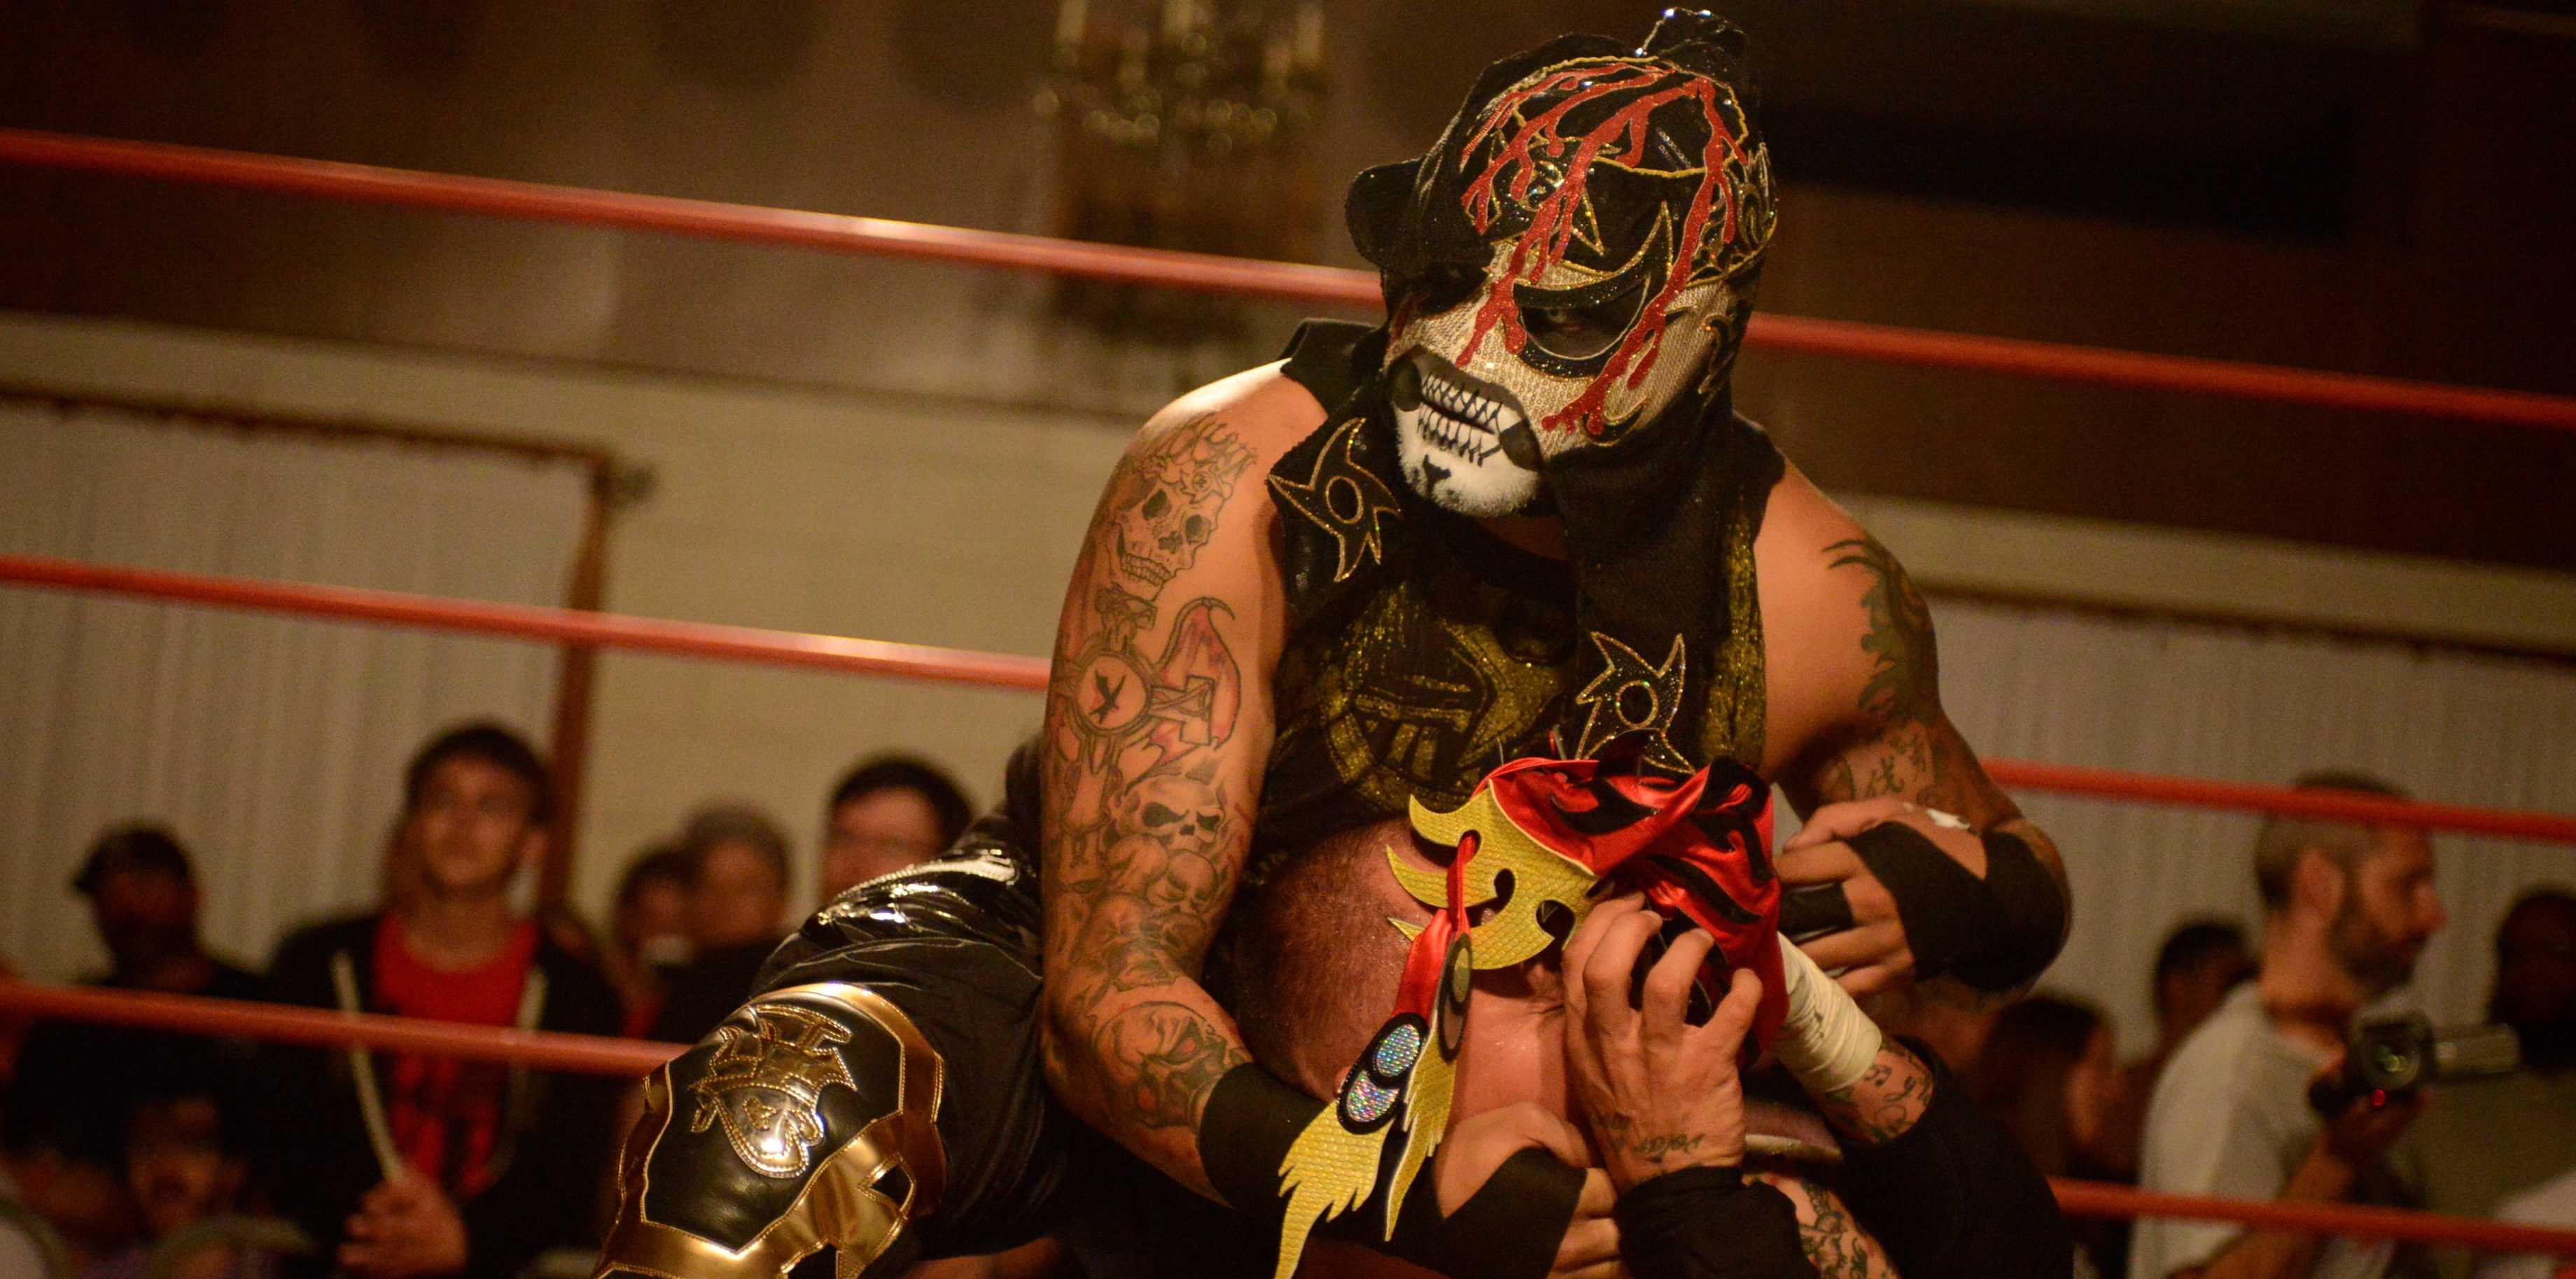 La noche del Cero Miedo: Pentagón Jr. retiene su título AAW ante Ciampa. Callihan destroza a Fénix. 1